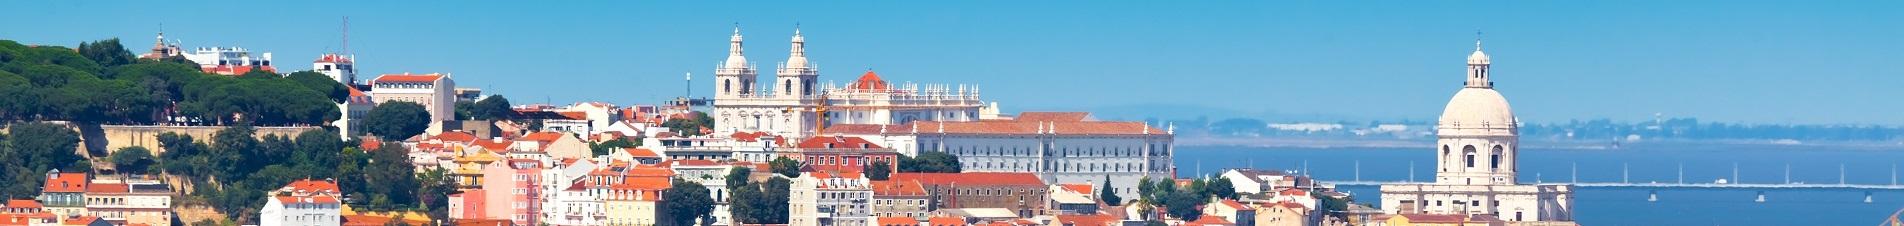 bloemen versturen naar  Portugal